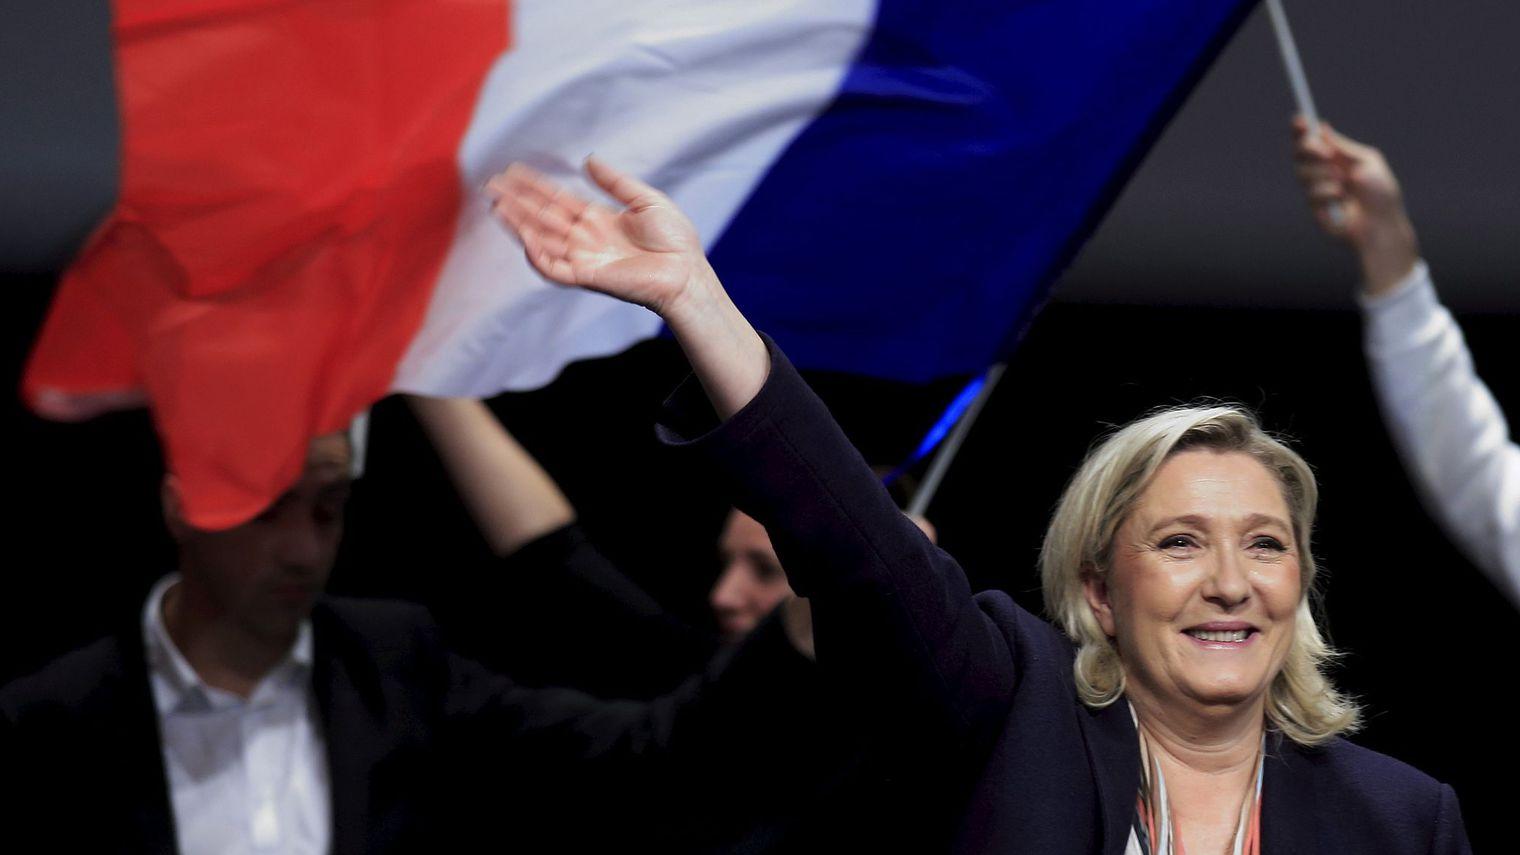 Percée sans précédent du FN dans les Régionales françaises